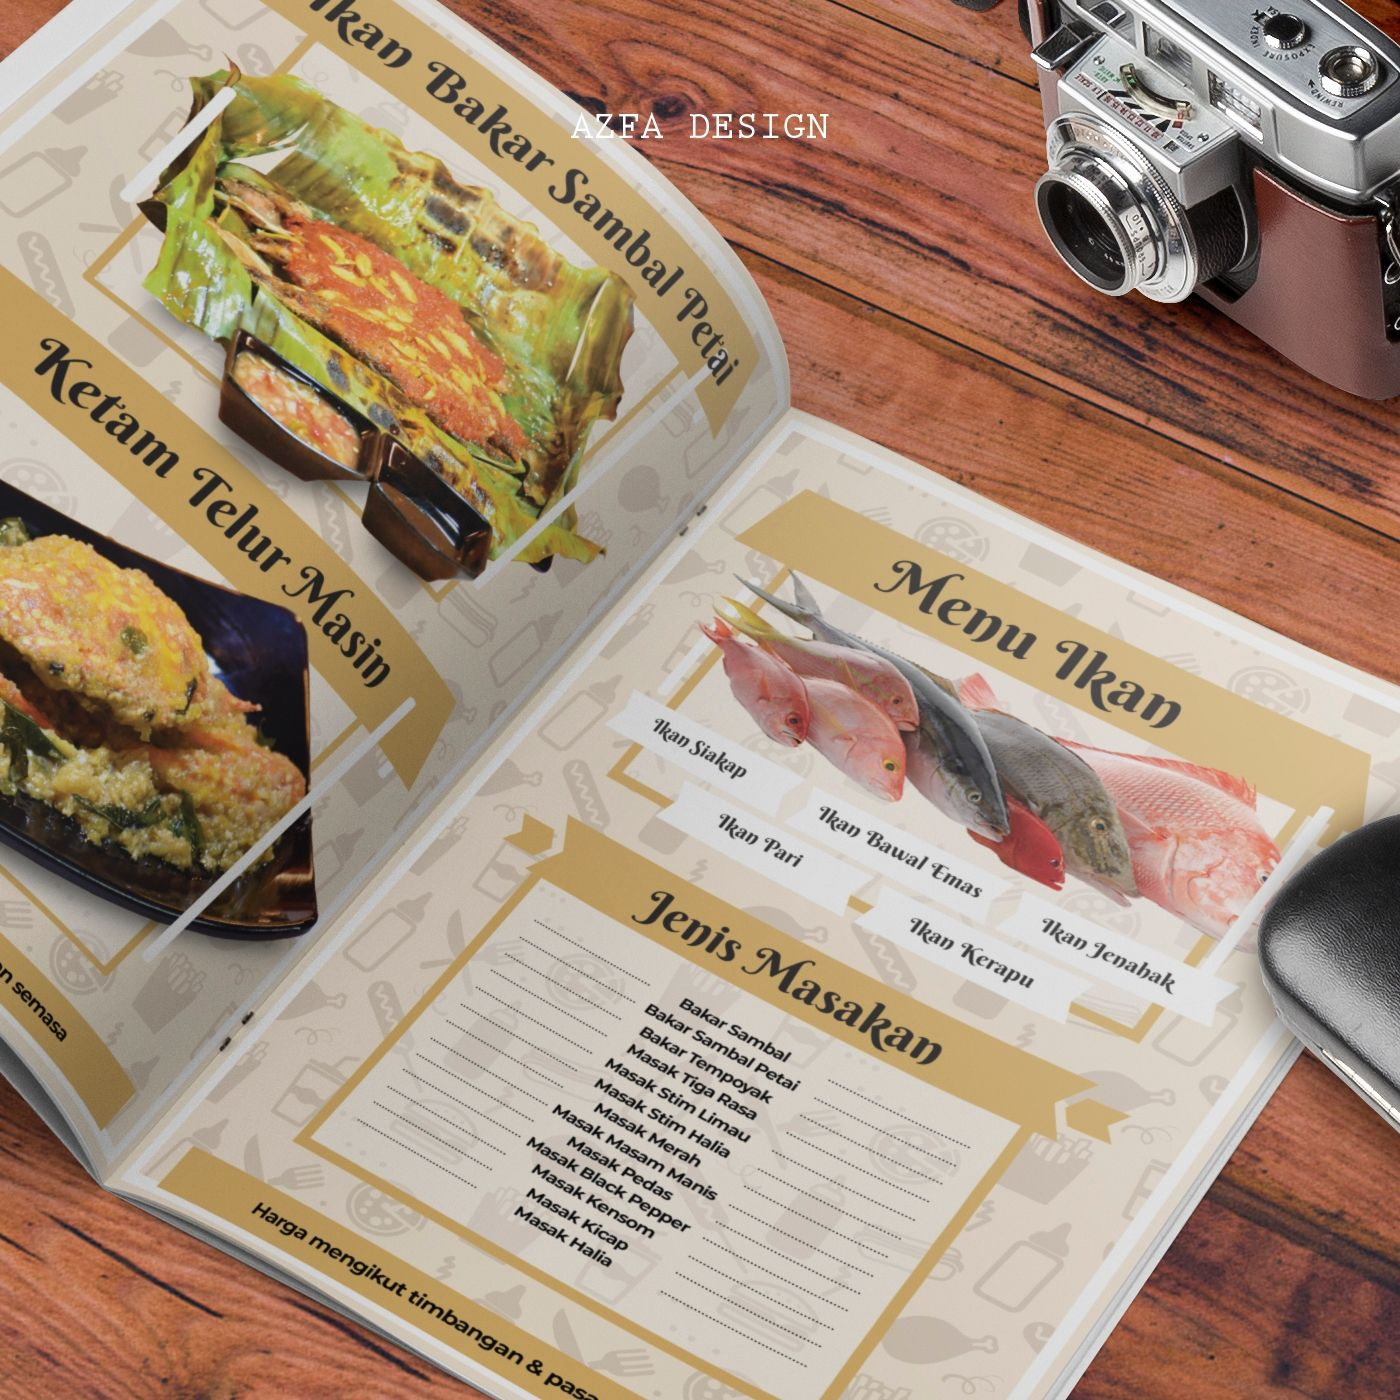 Resepi Ikan Bawal Emas Stim Halia : Resepi Siakap Stim Halia Chinese Style : Ikan bawal stim